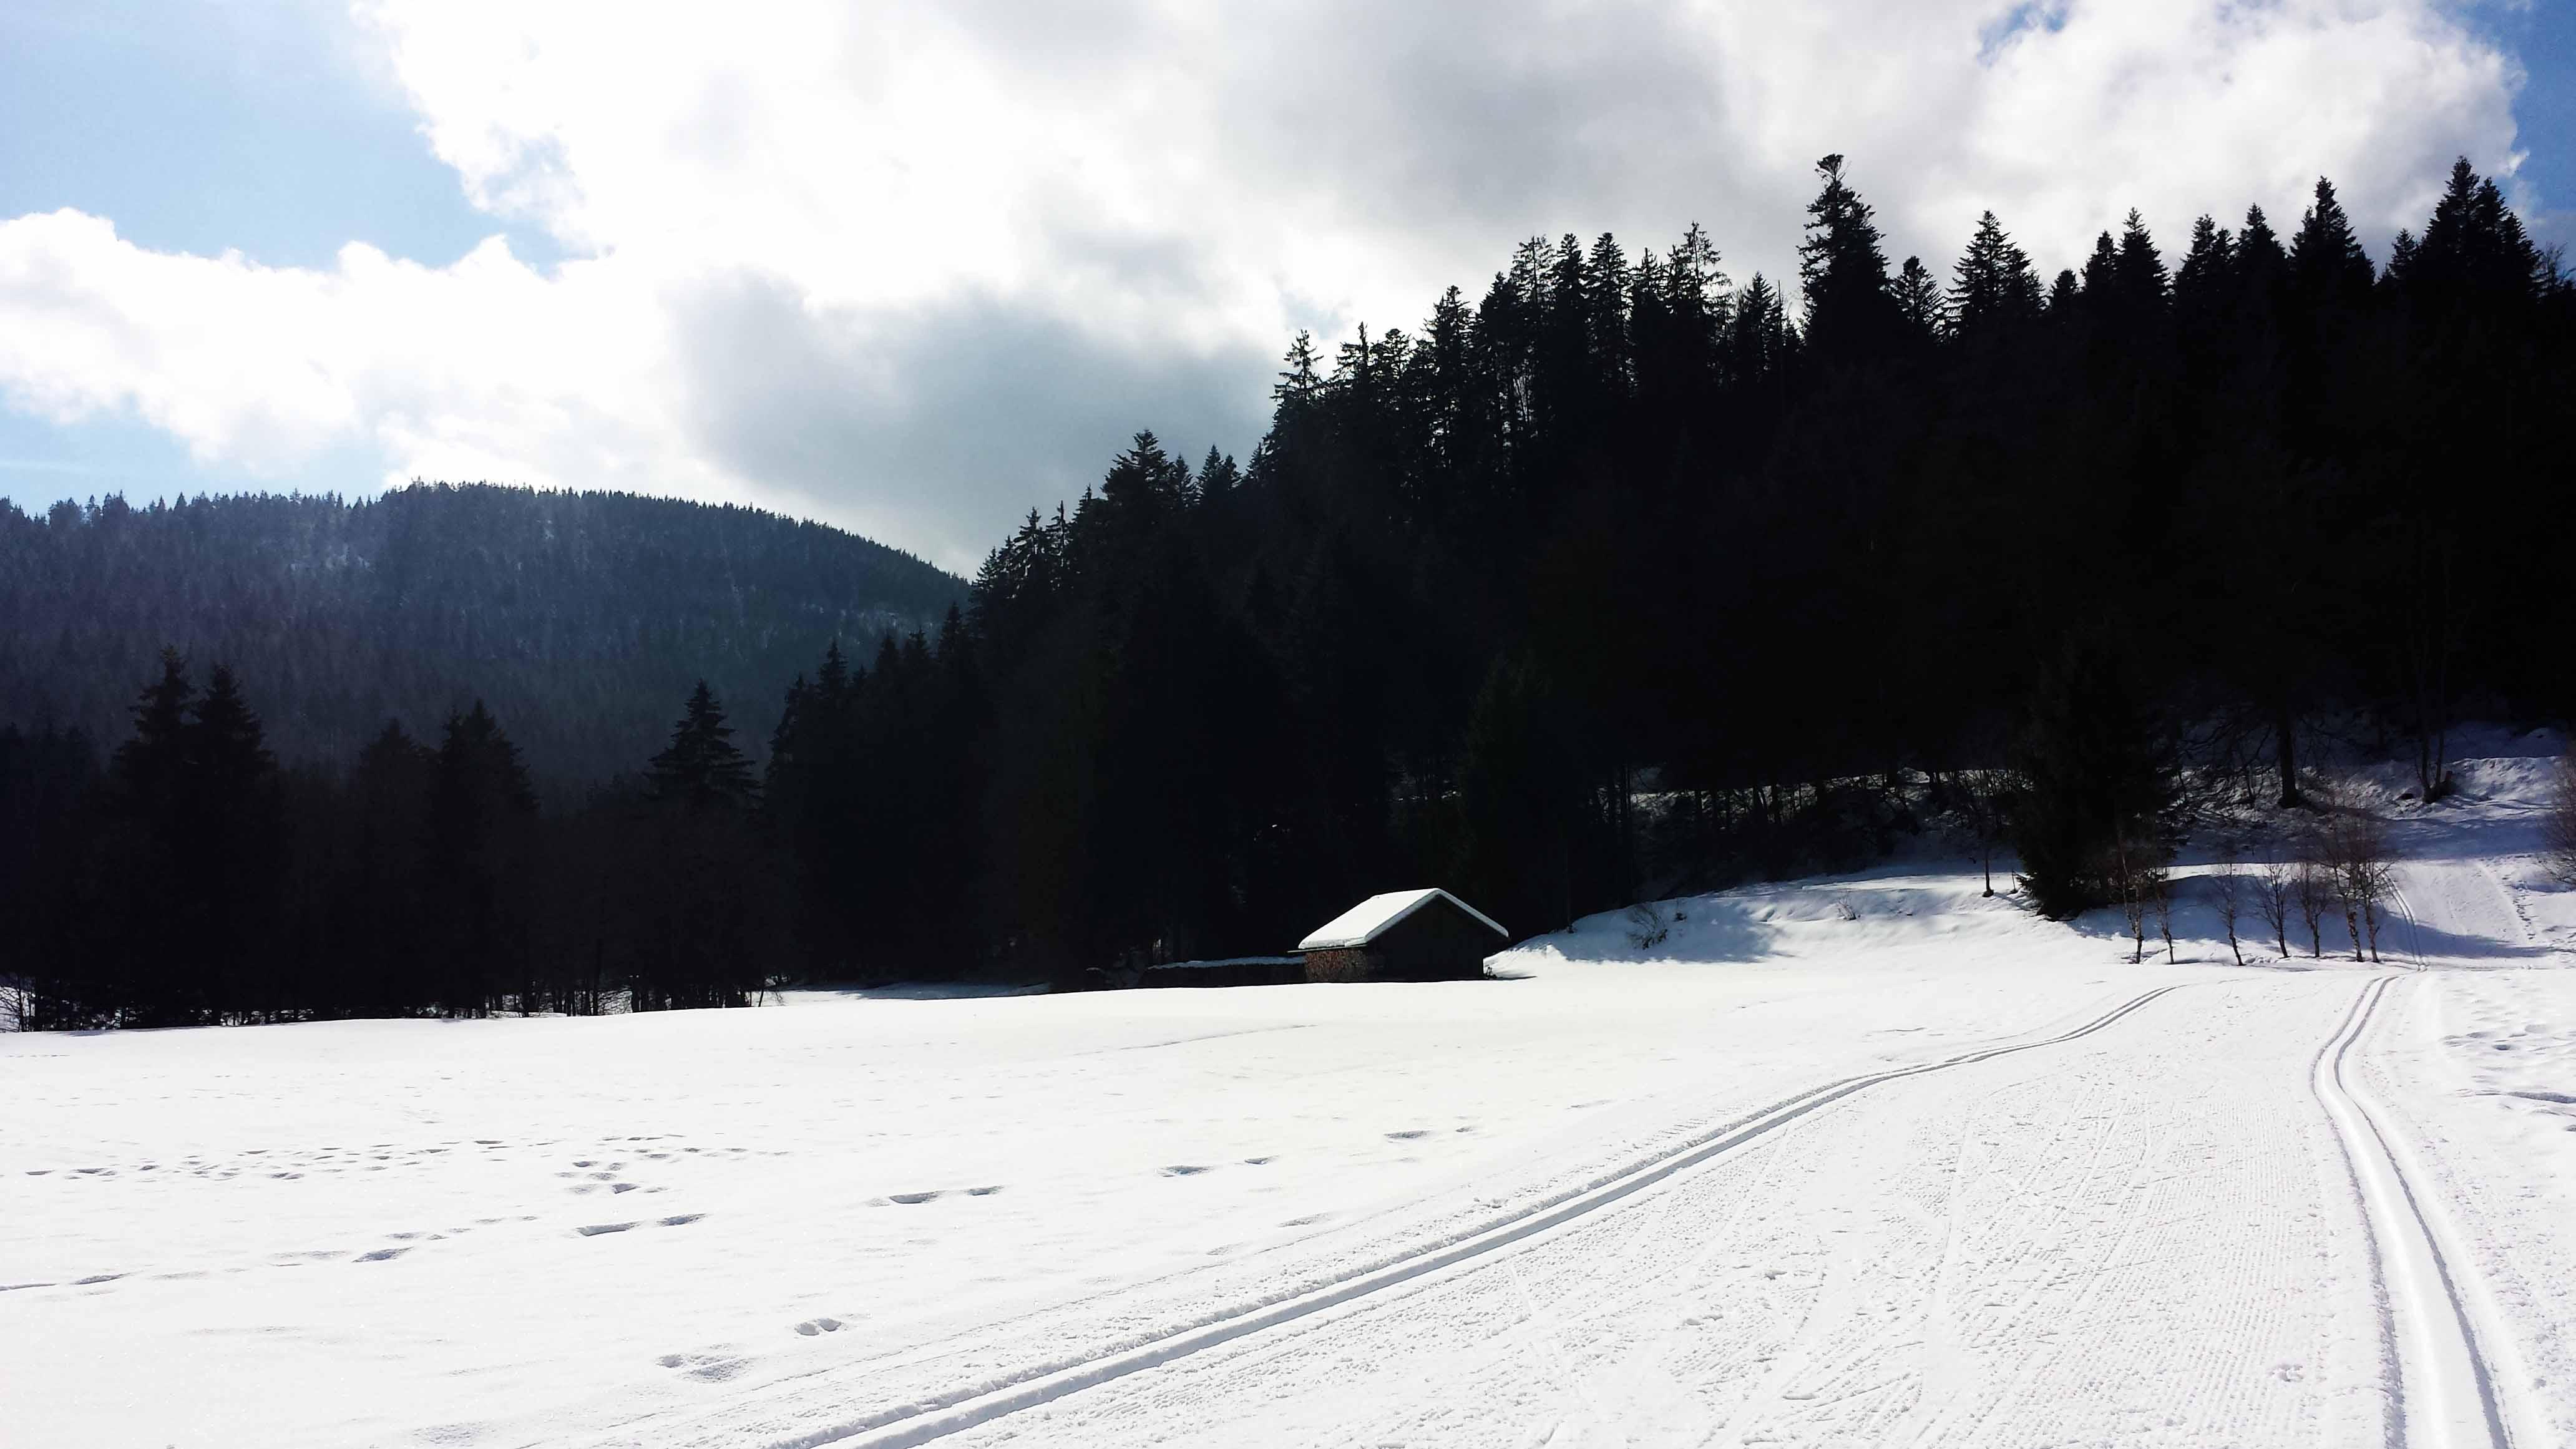 Und in Wirklichkeit ist es noch viel schöner! Ausblick in den traumhaften Märchen-Schwarzwald...